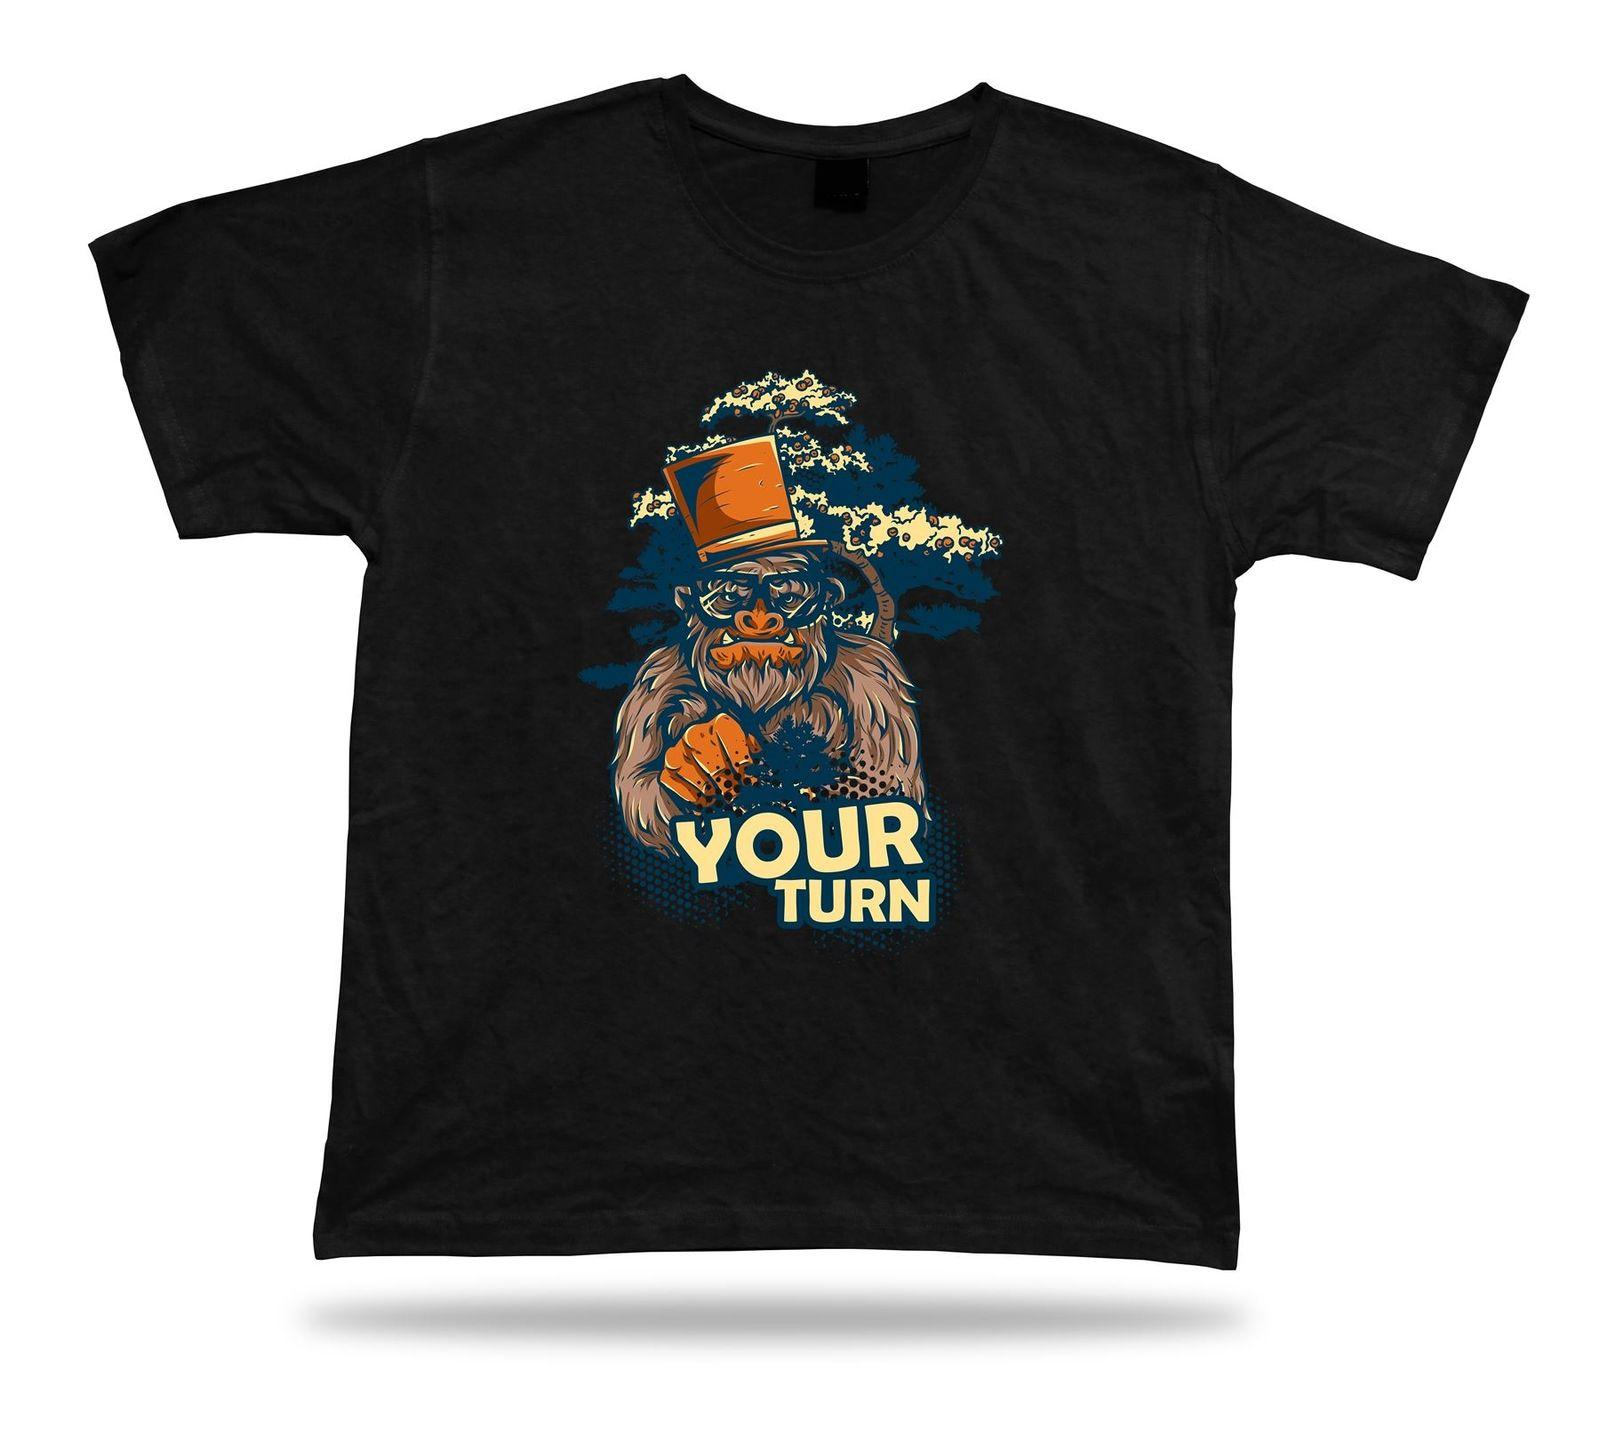 buy popular 48077 1529f Your Turn Big Foot Top Hat Mono elegante diseño de la camiseta  impresionante fresco cumpleaños 2018 Nueva Marca Mens T-shirt de algodón